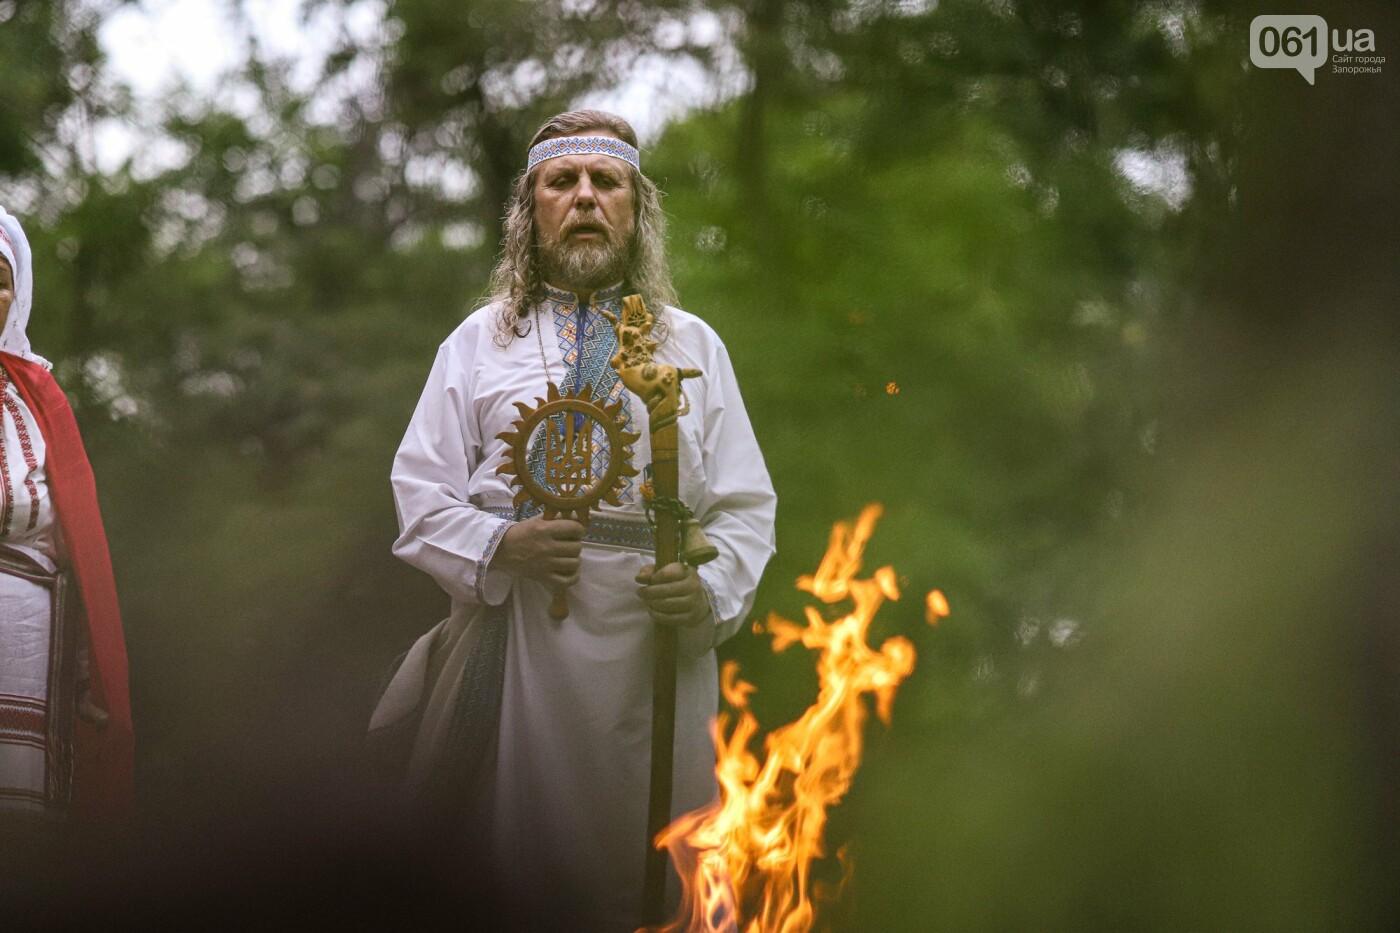 Огонь и дубовые венки: как на Хортице отметили праздник Перуна, - ФОТОРЕПОРТАЖ, фото-28